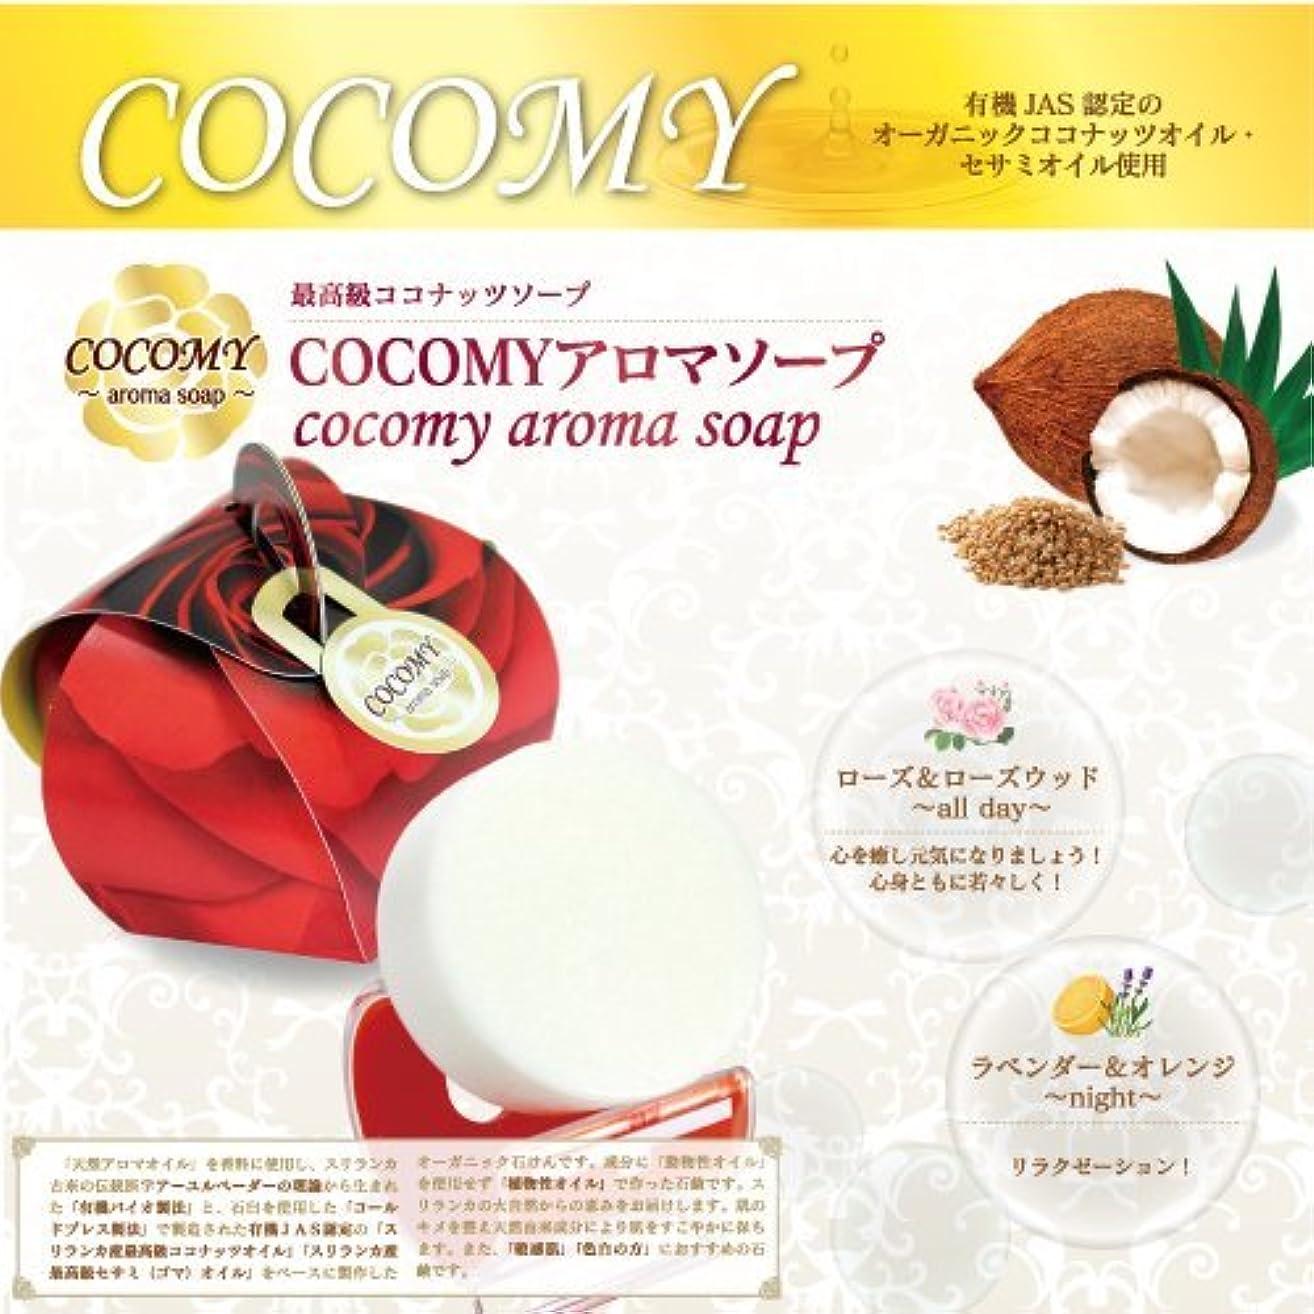 行列ペルメルモードCOCOMY aromaソープ 2個セット (ラベンダー&オレンジ)(ローズ&ローズウッド)40g×各1